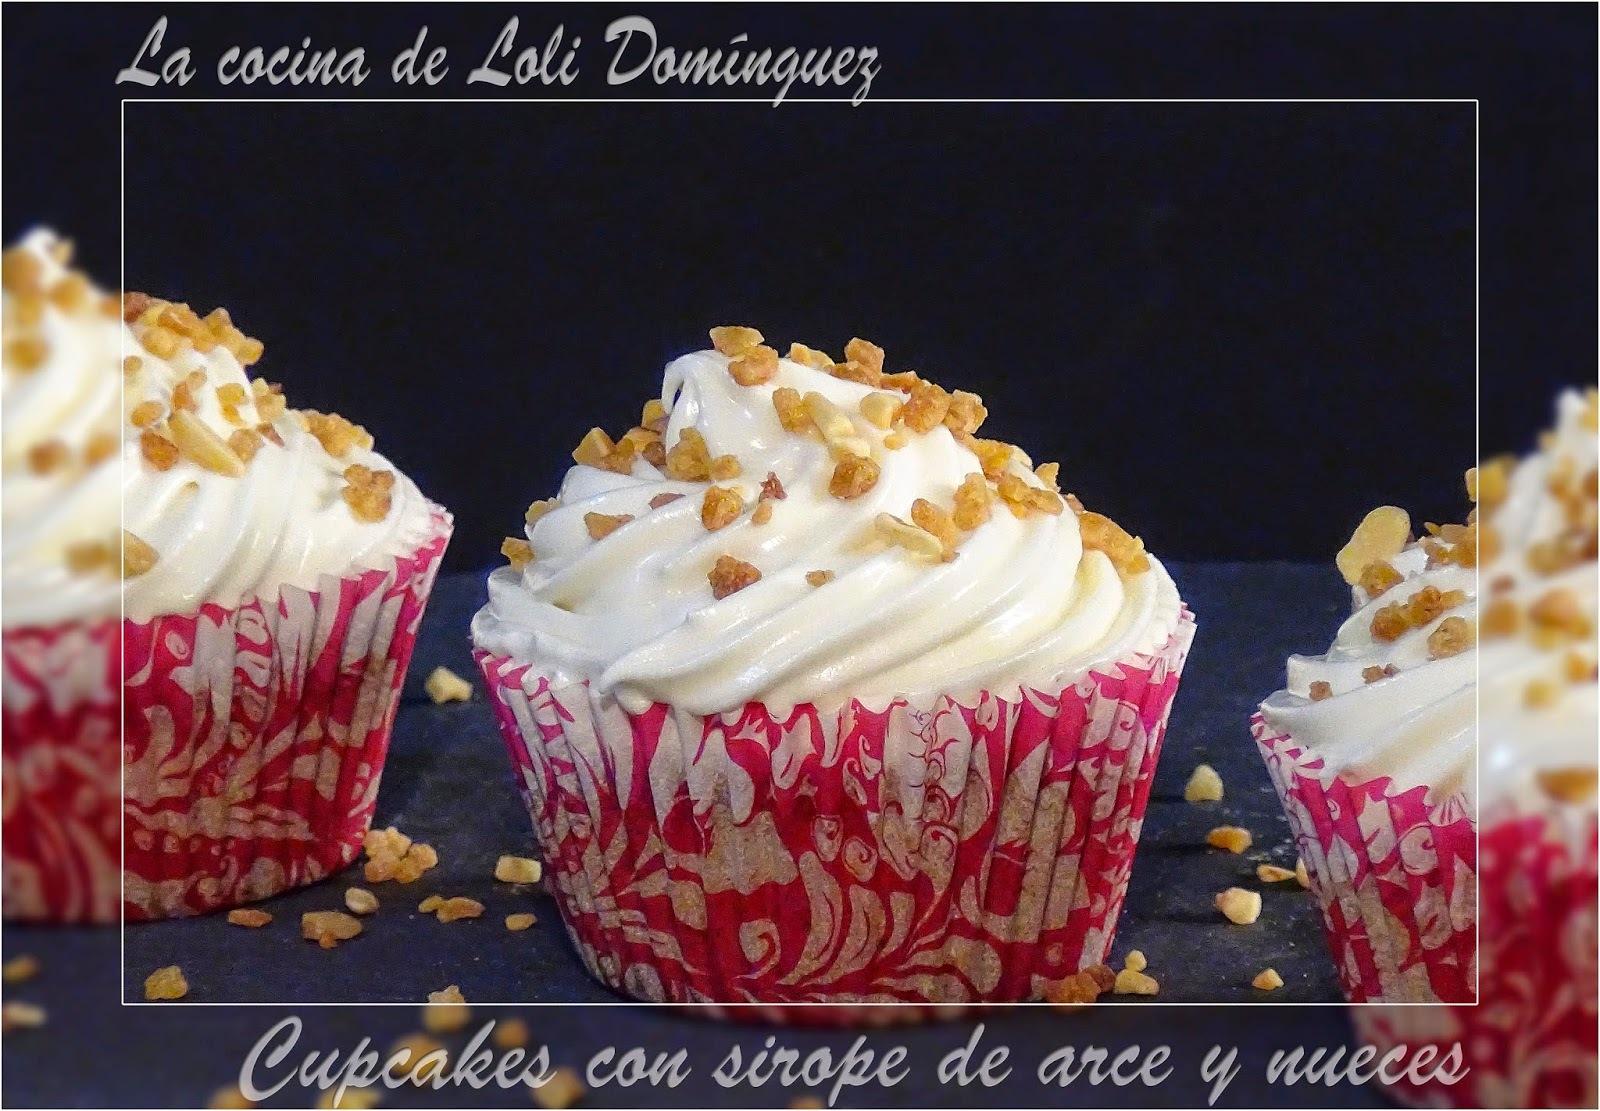 Cupcakes con sirope de arce y nueces